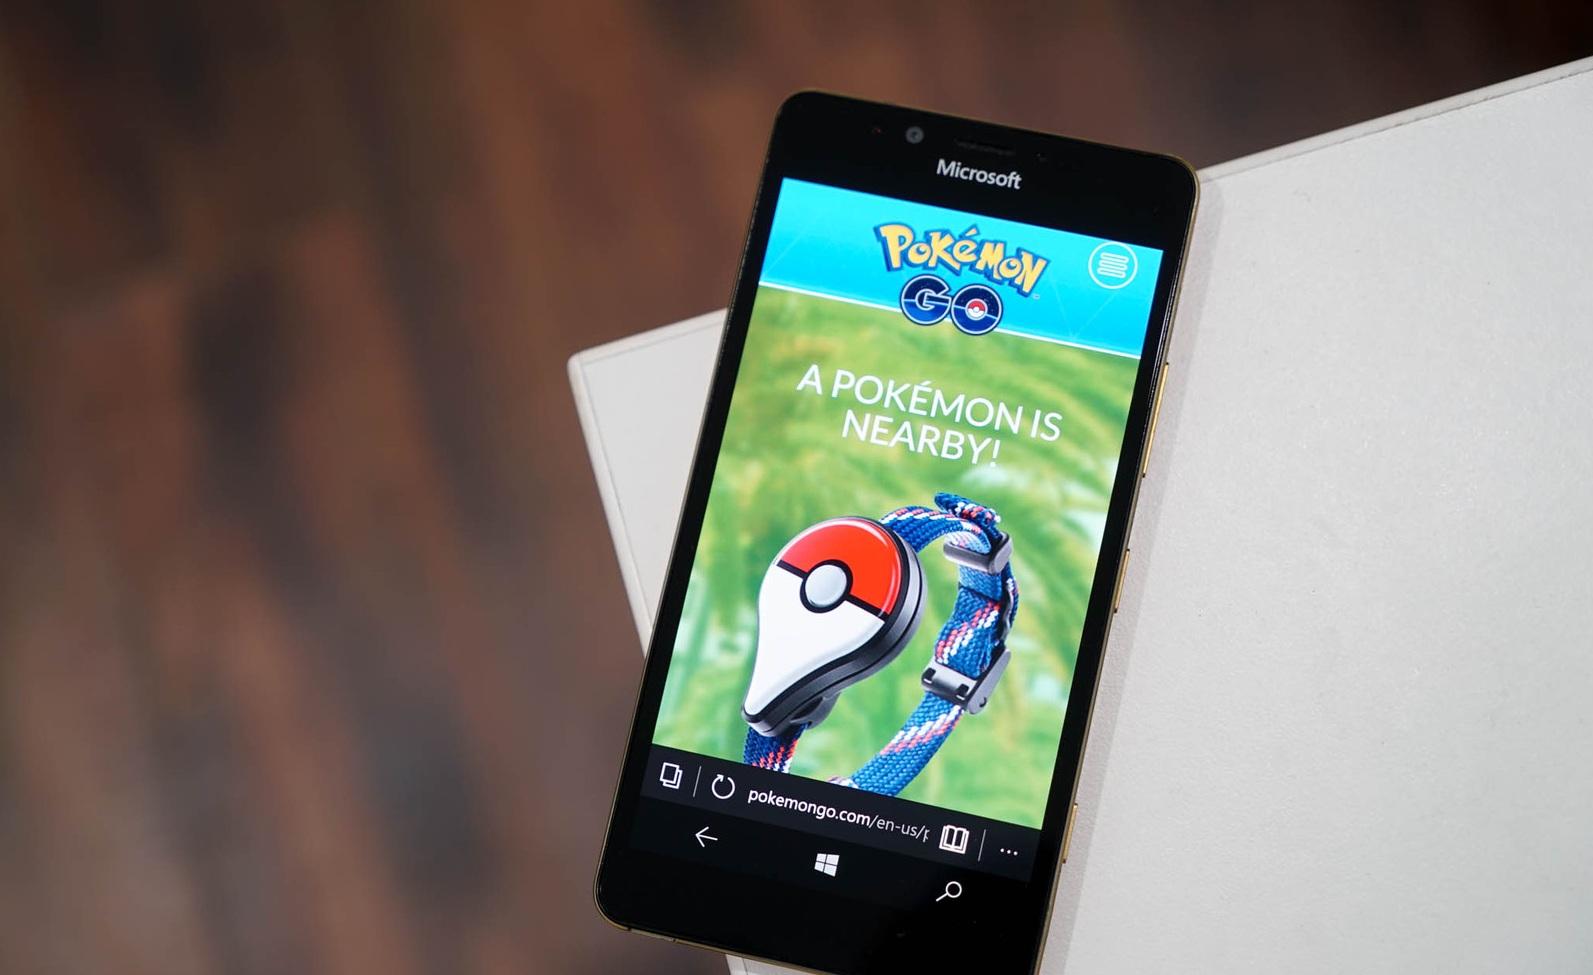 pokemon-go-windows-phone